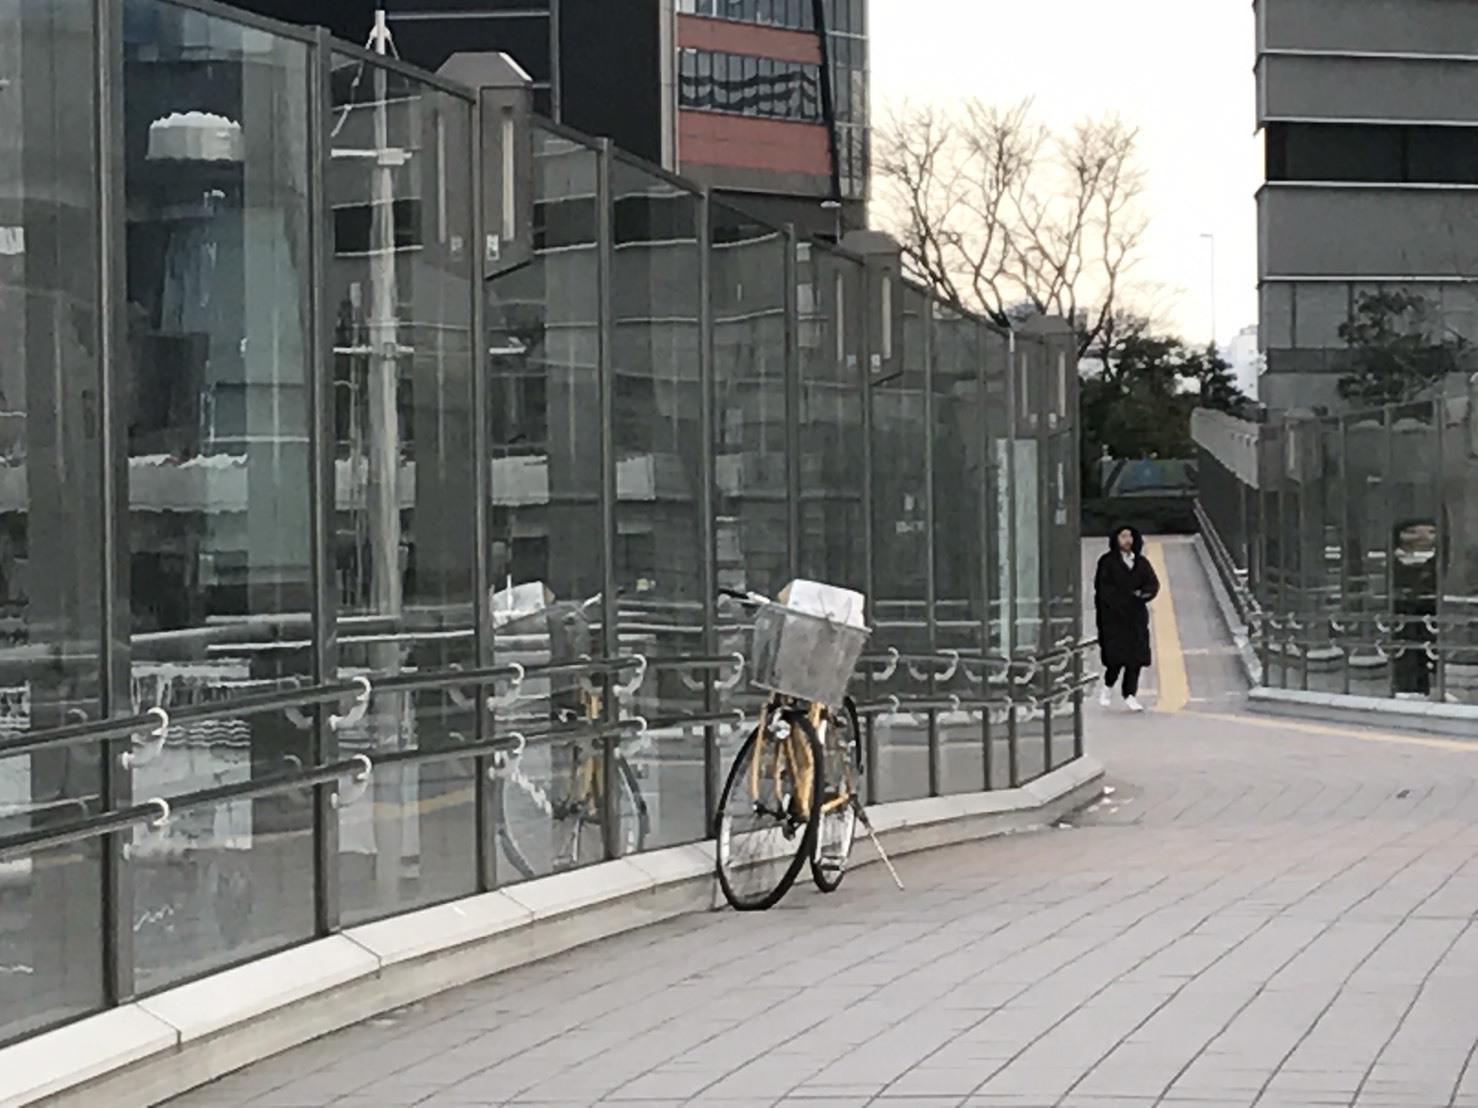 自転車泥棒が乗り捨てた現場_b0017844_09291107.jpg